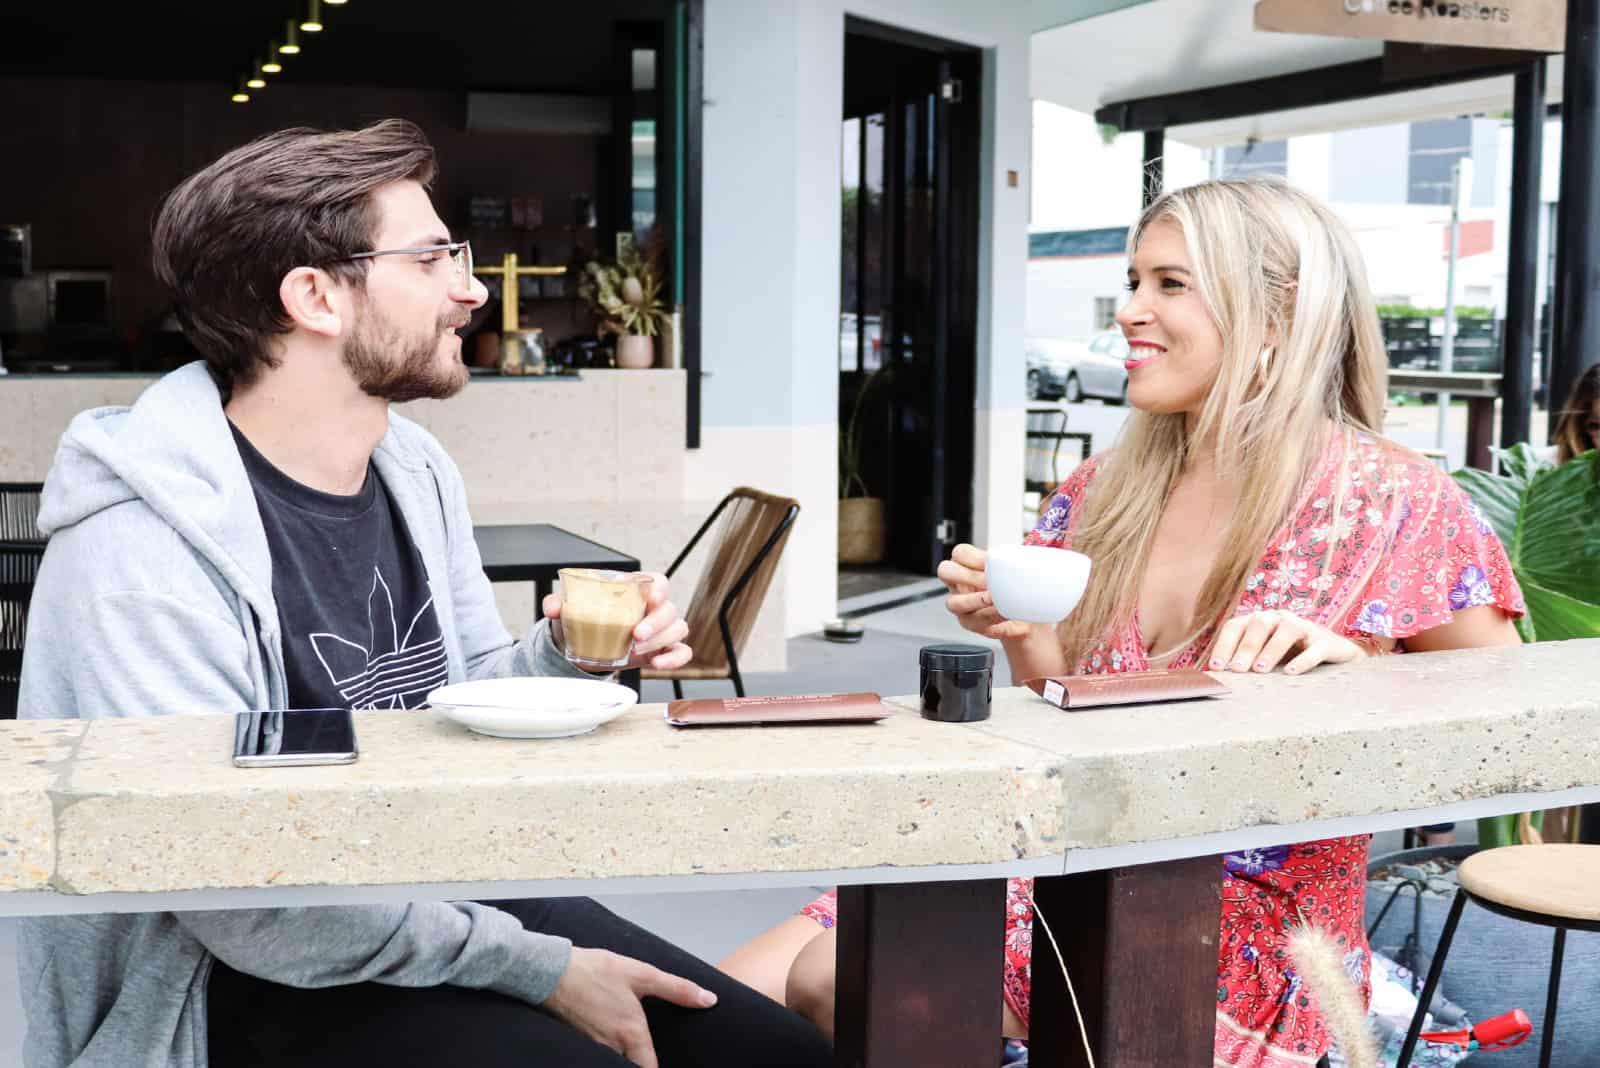 homme et femme prenant un café assis en plein air